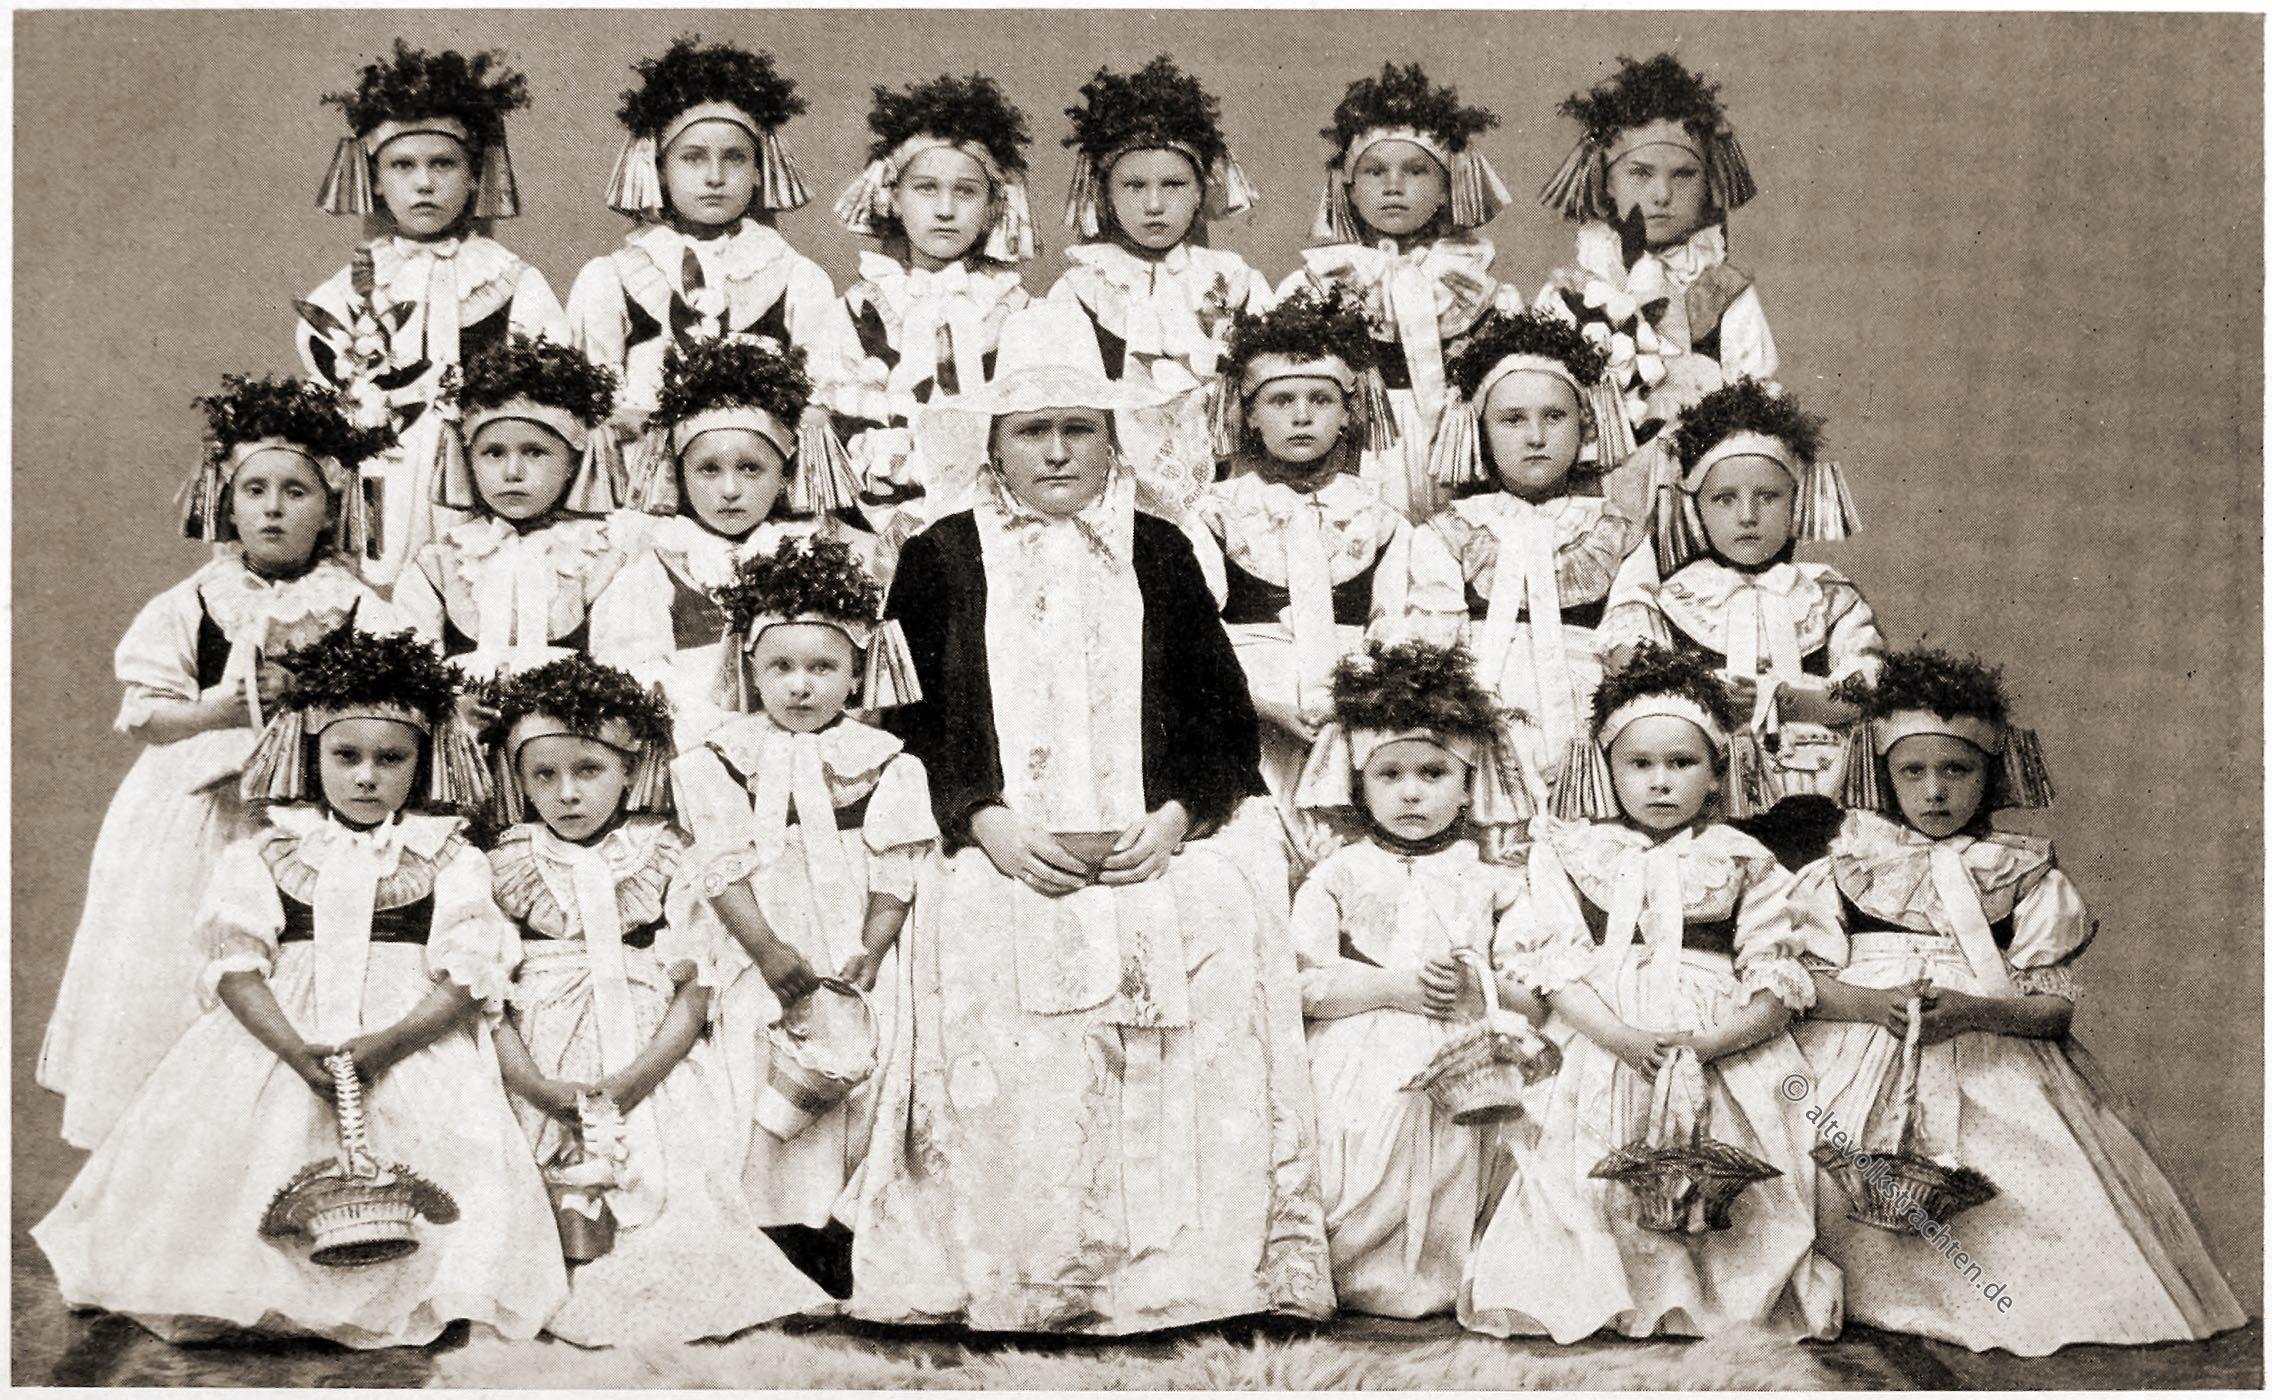 Trachten, Kindertrachten, Beuthen, Bytom, Schlesien, Fronleichnamsprozession, Rose Julien, Deutsche Volkstrachten